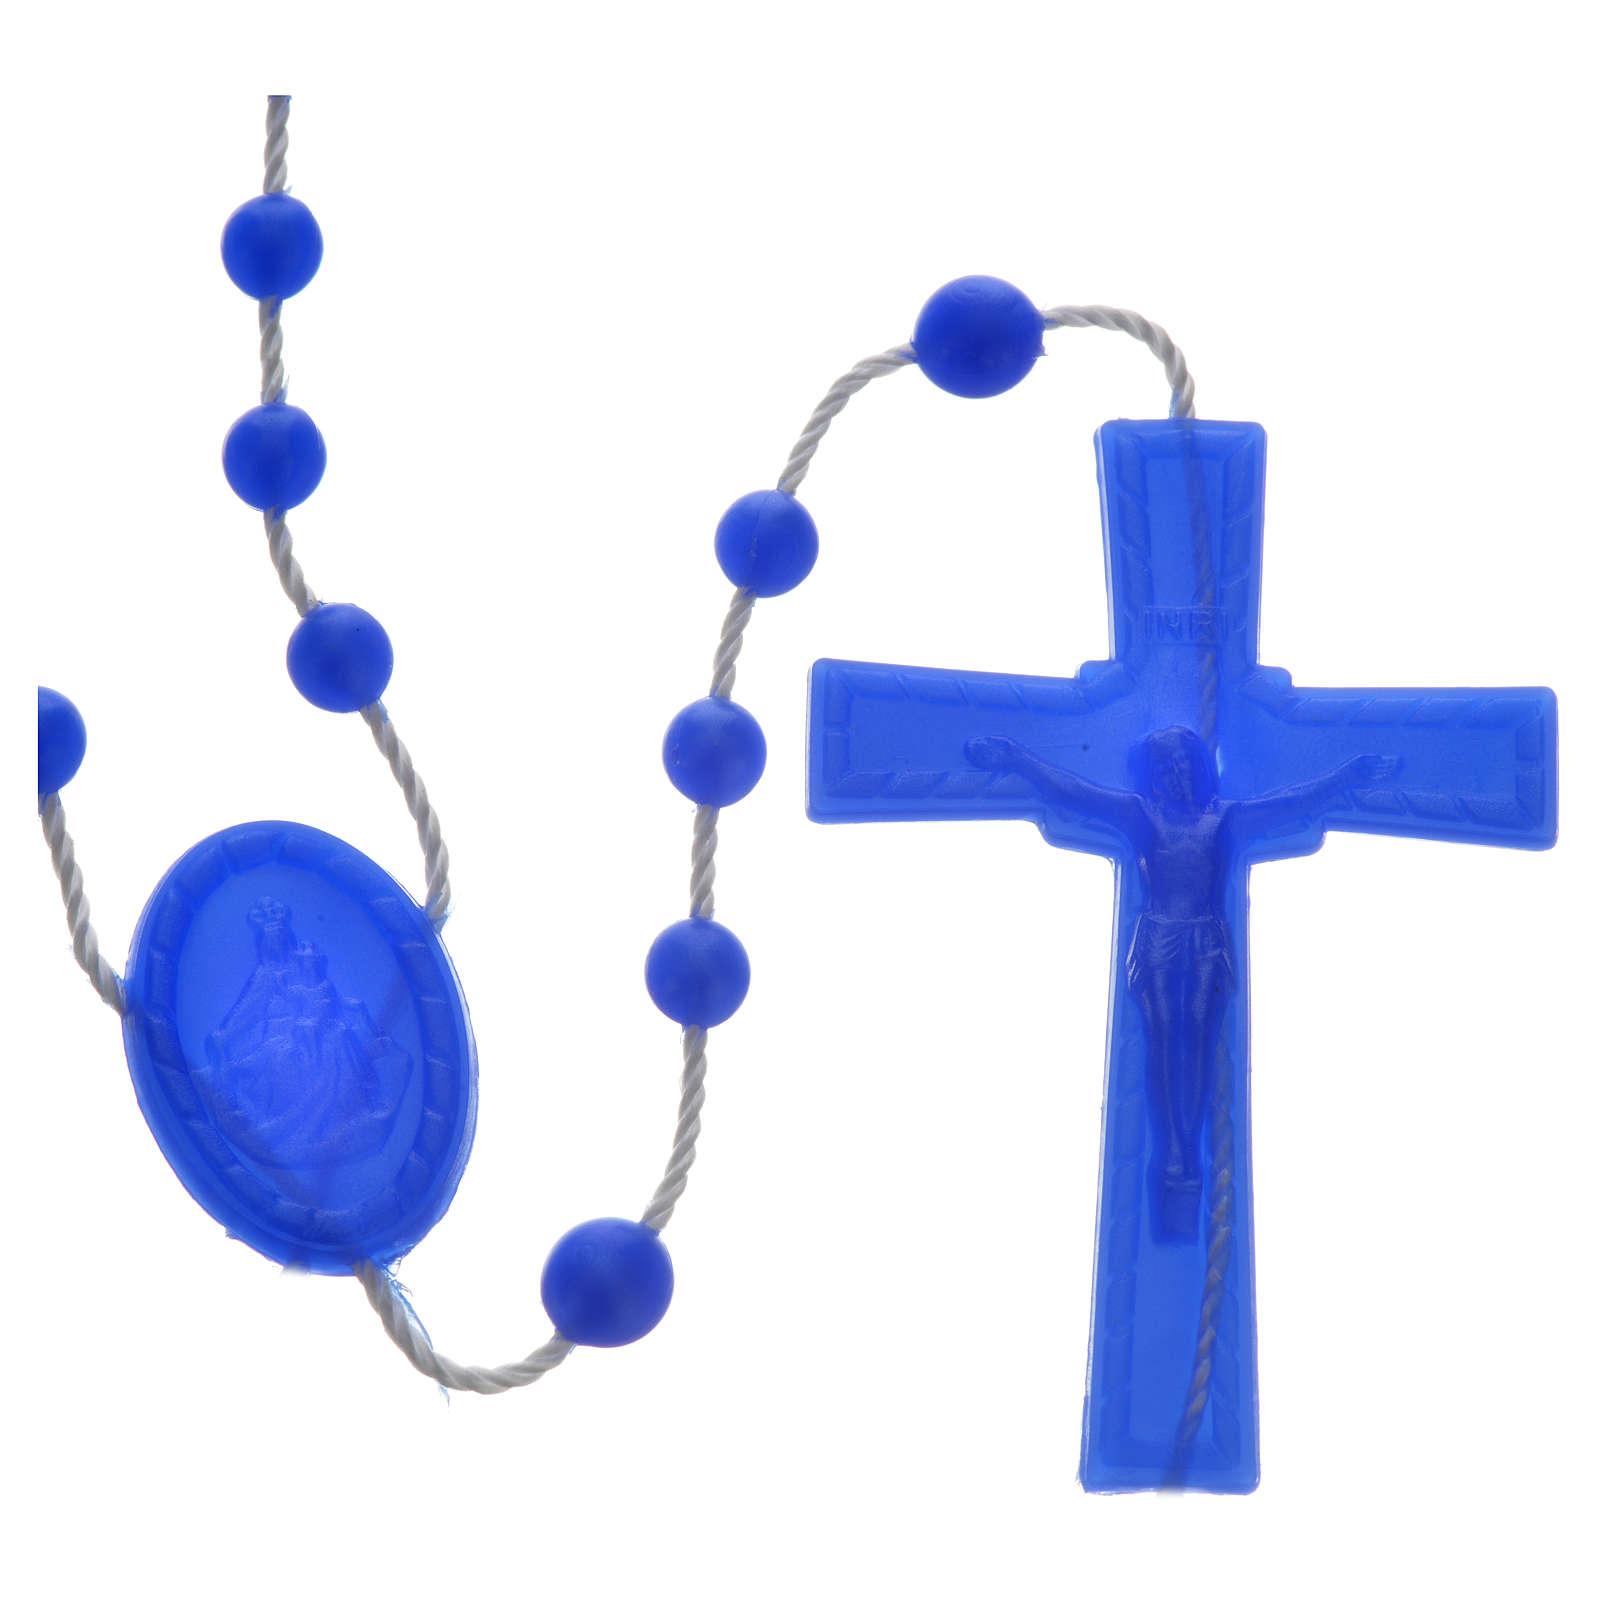 Tragbarer Rosenkranz, blaue Kunststoffperlen mit leichtem Glanzeffekt auf Nylonkordel 4